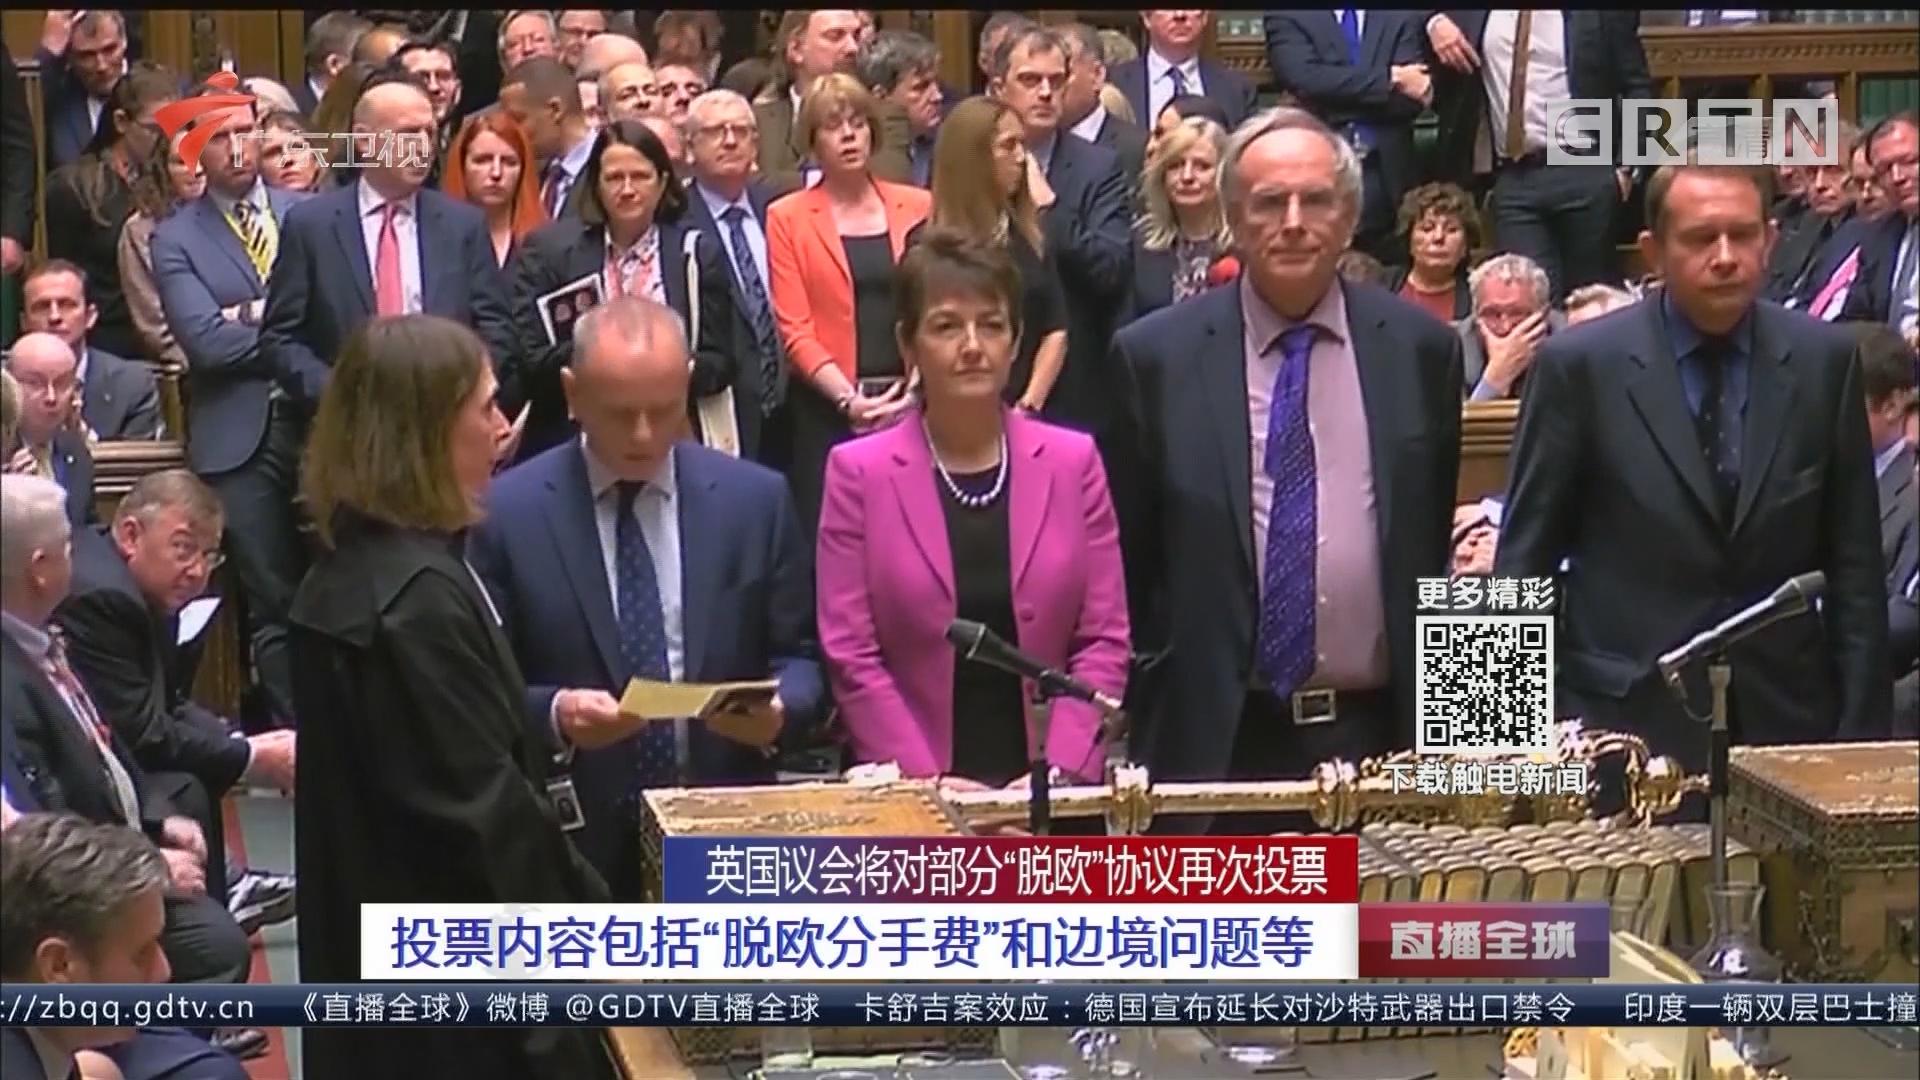 """英国议会将对部分""""脱欧""""协议再次投票 投票内容包括""""脱欧分手费""""和边境问题等"""